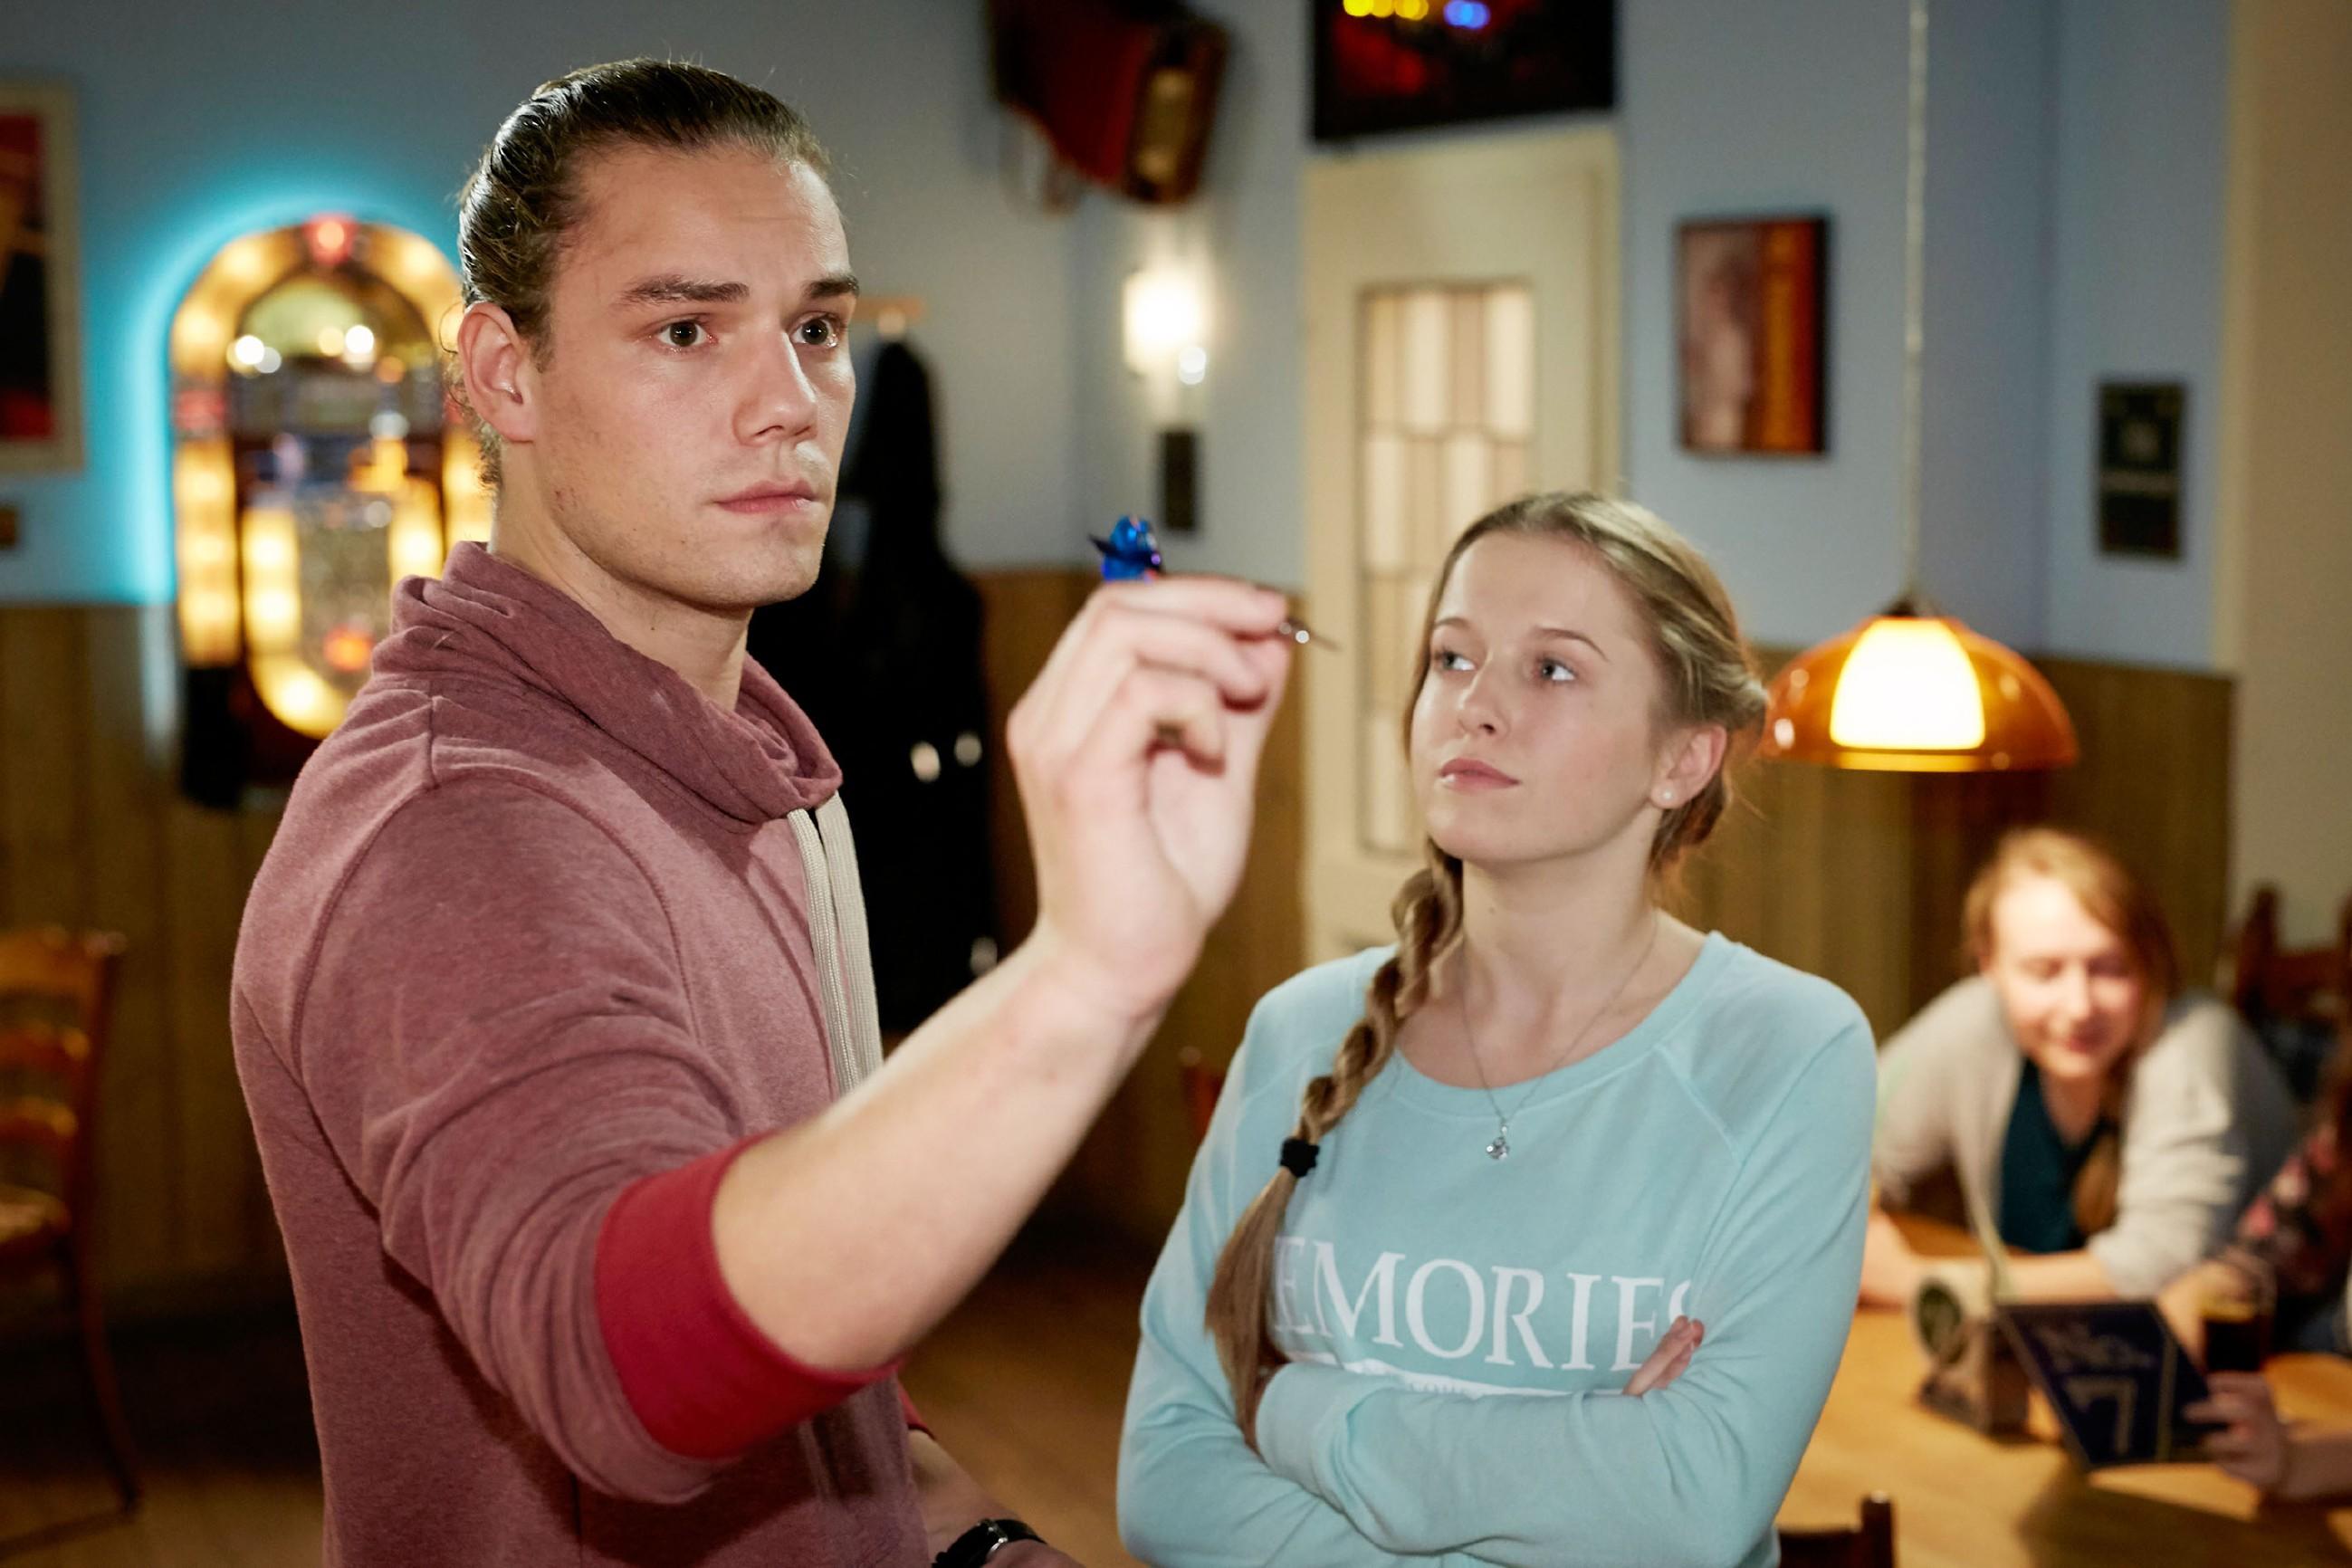 Flo (Julia Albrecht) versucht Leo (Julian Bayer) klarzumachen, dass Marie ihn liebt. (Quelle: RTL / Guido Engels)